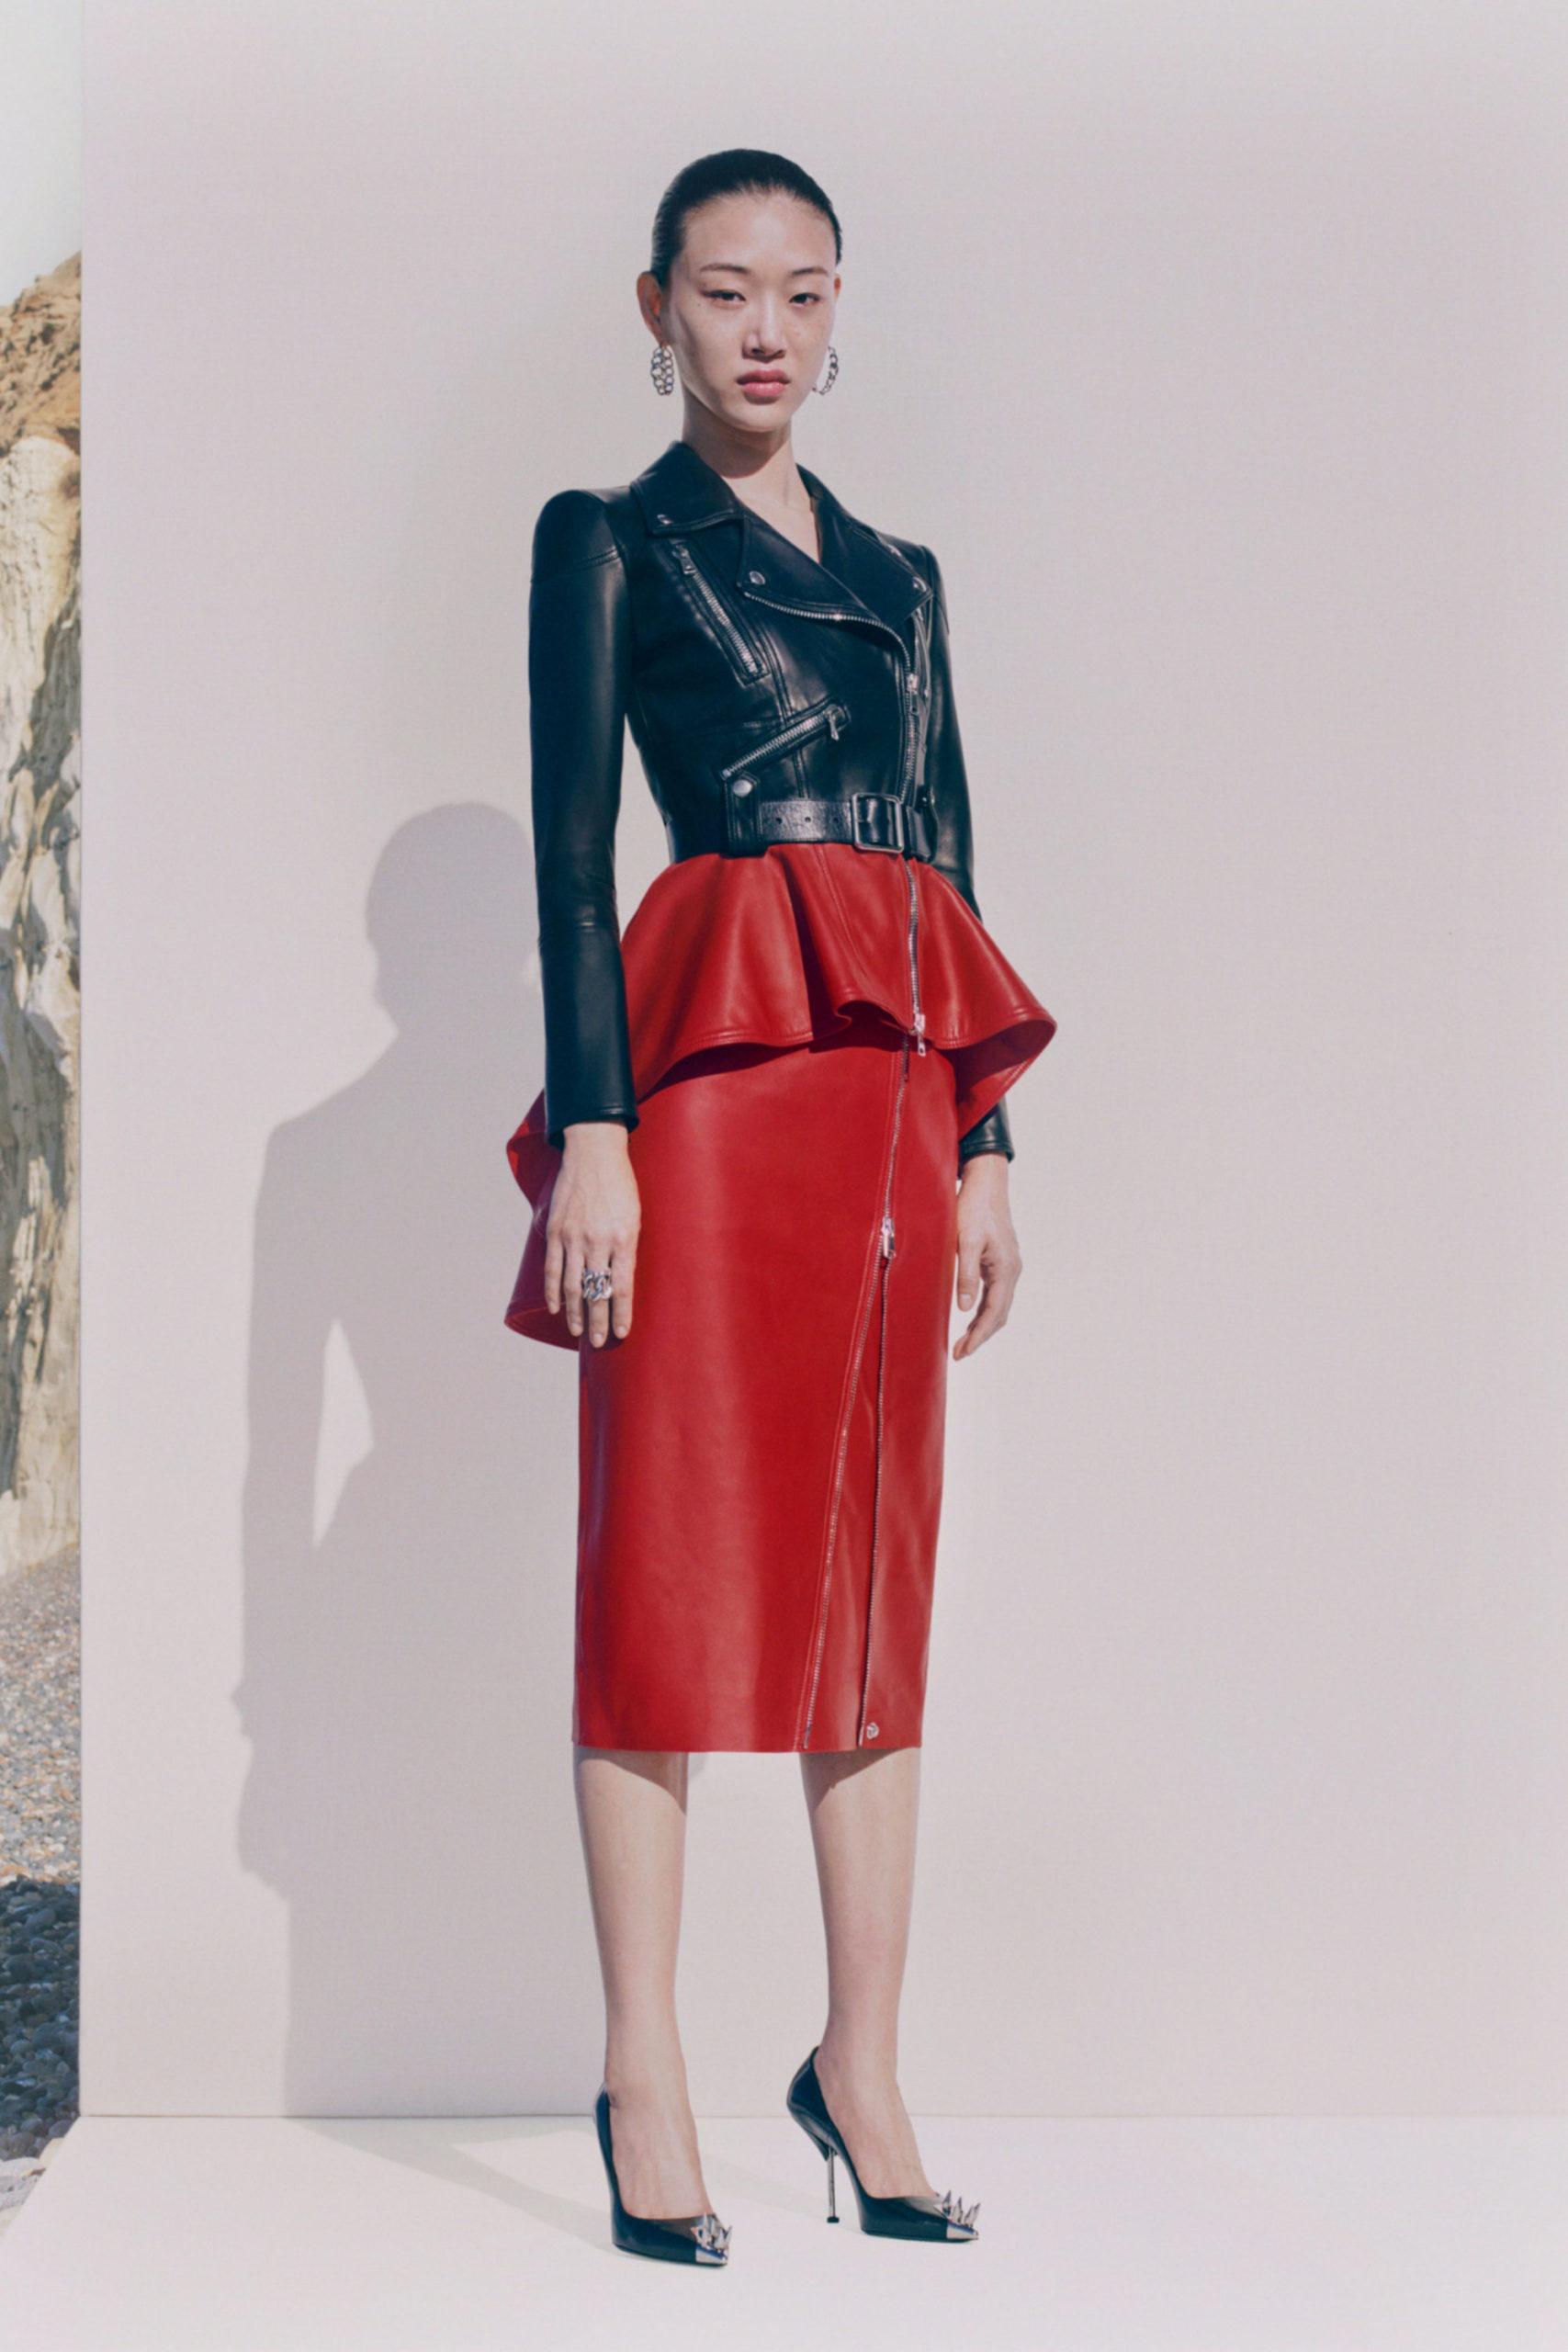 Платье с баской от Alexander McQueen модель 2021 года